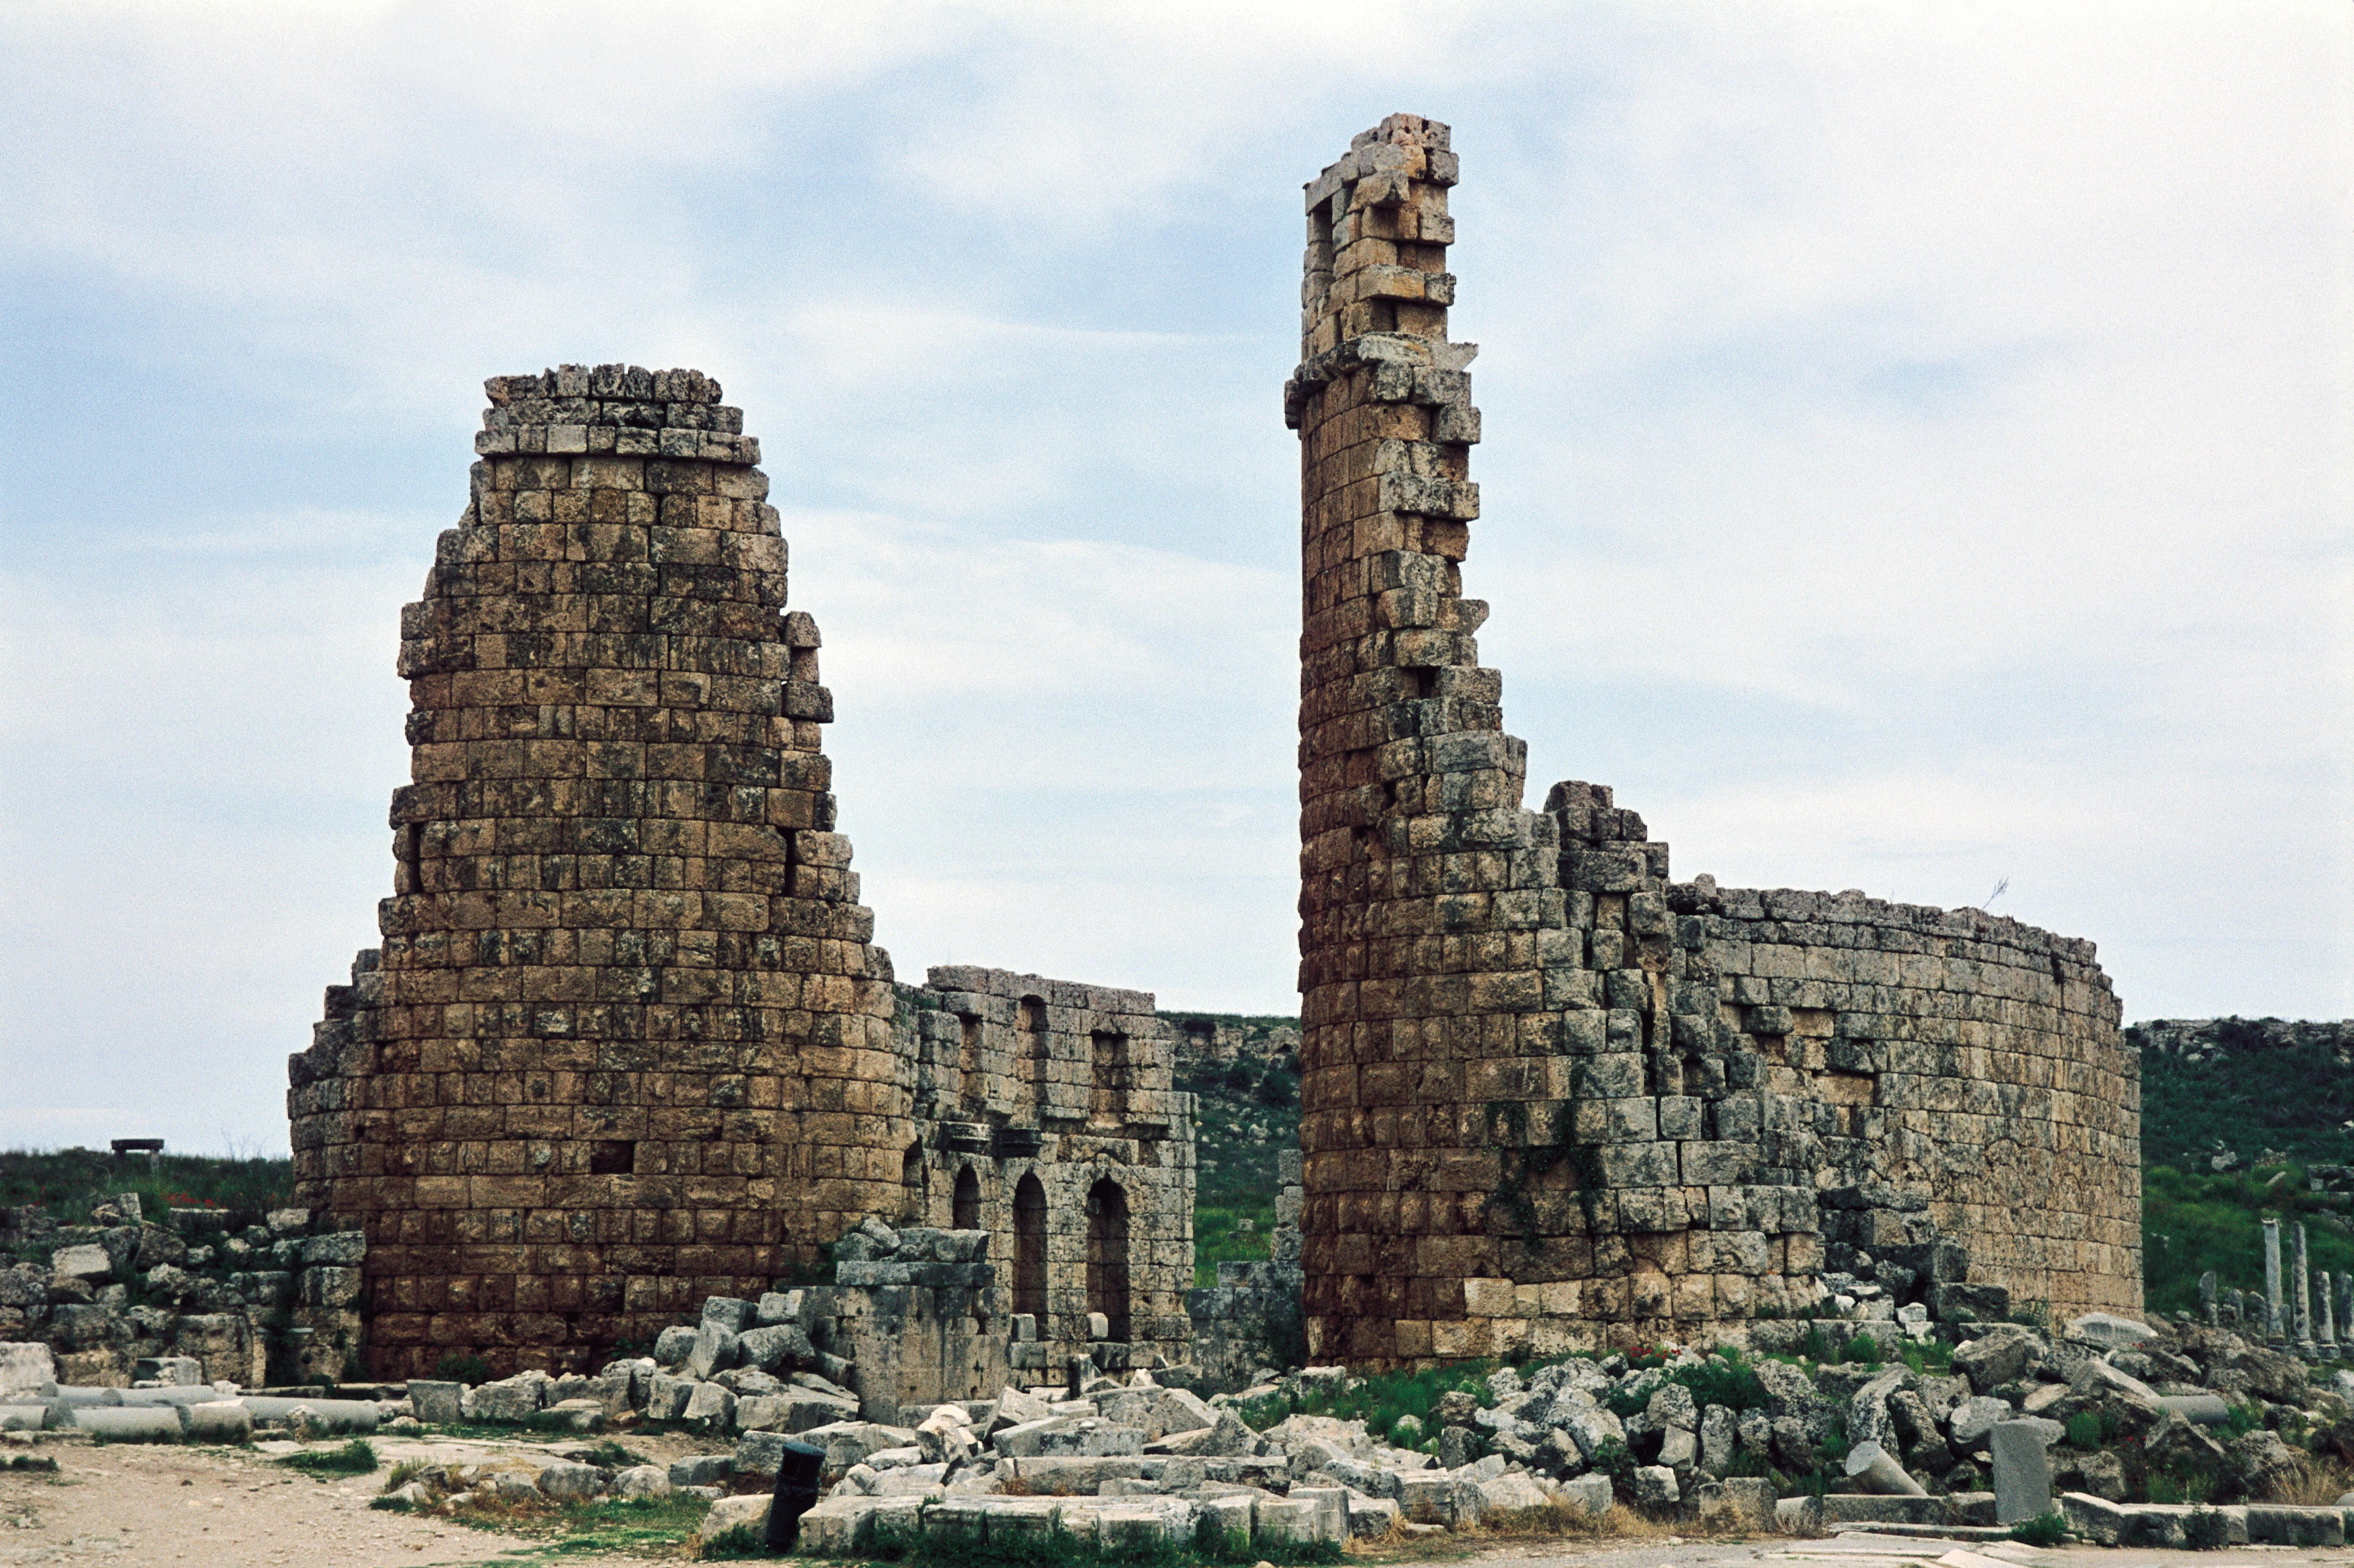 Perge-Aspendos-Kurşunlu Şelalesi Turu